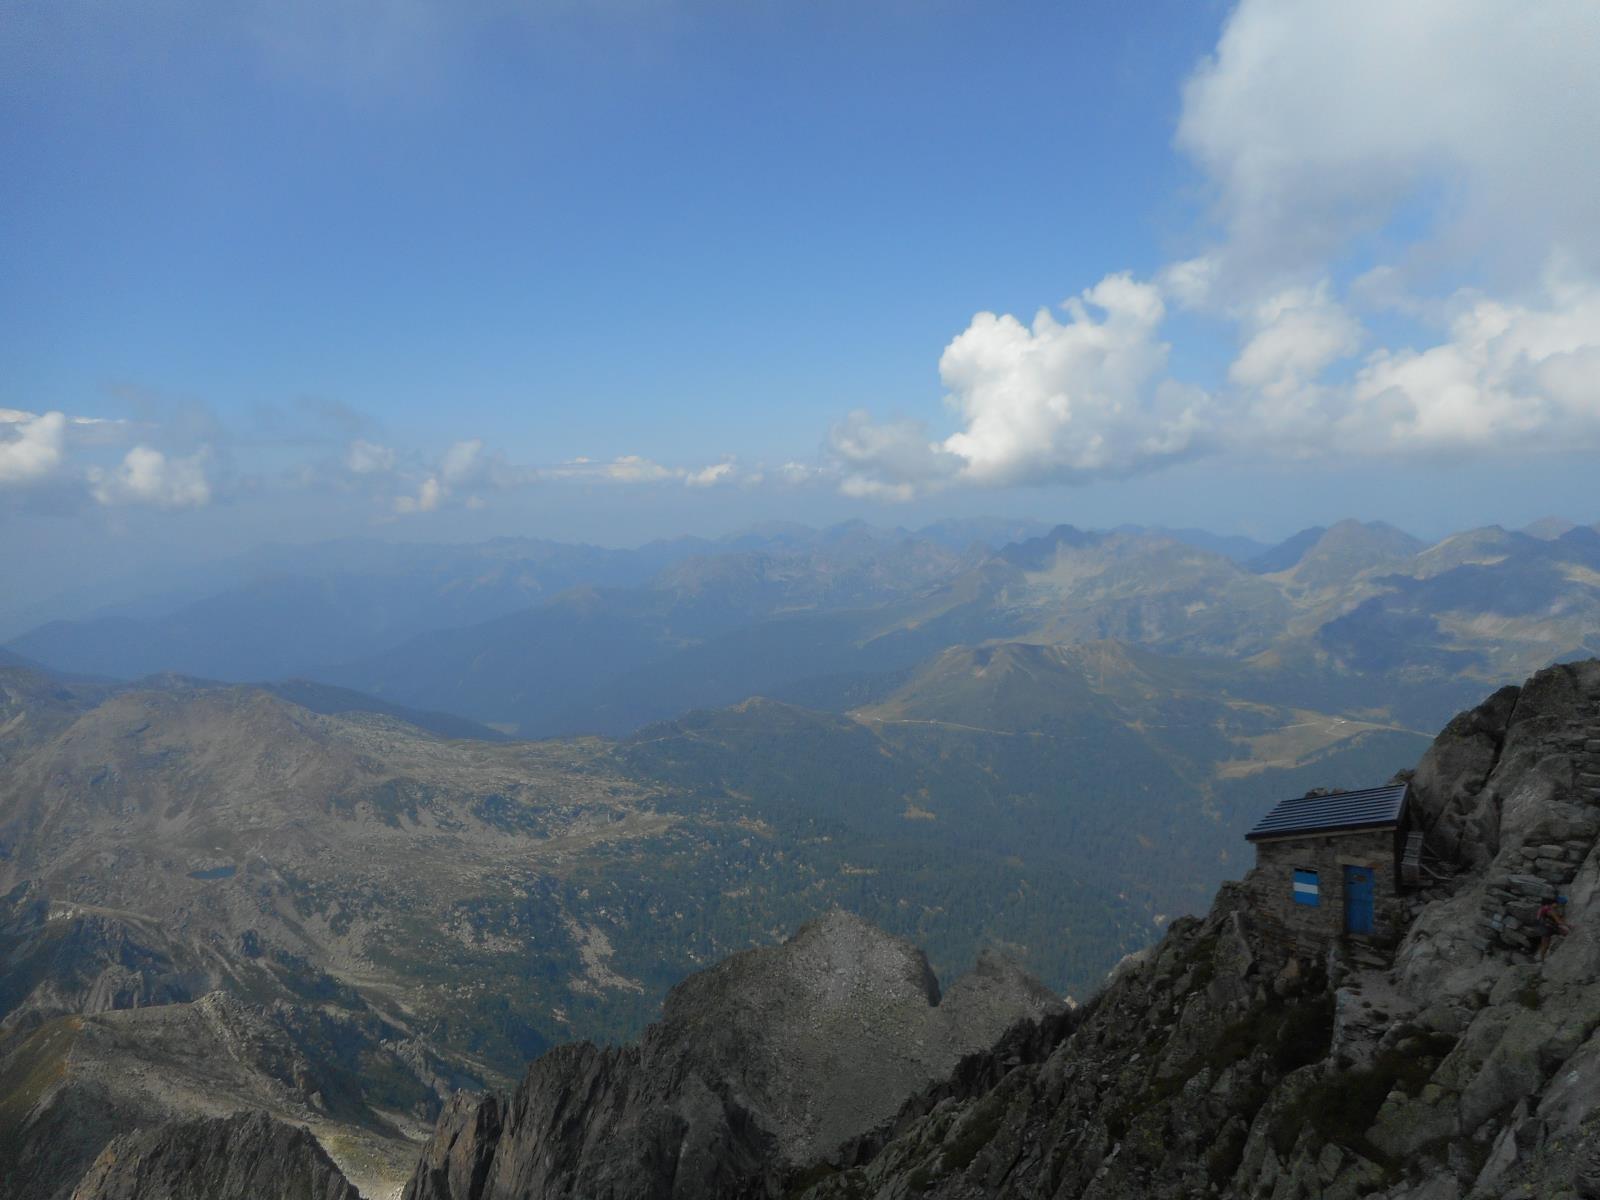 Biv. au sommet de la Cima d'Asta (2847m)